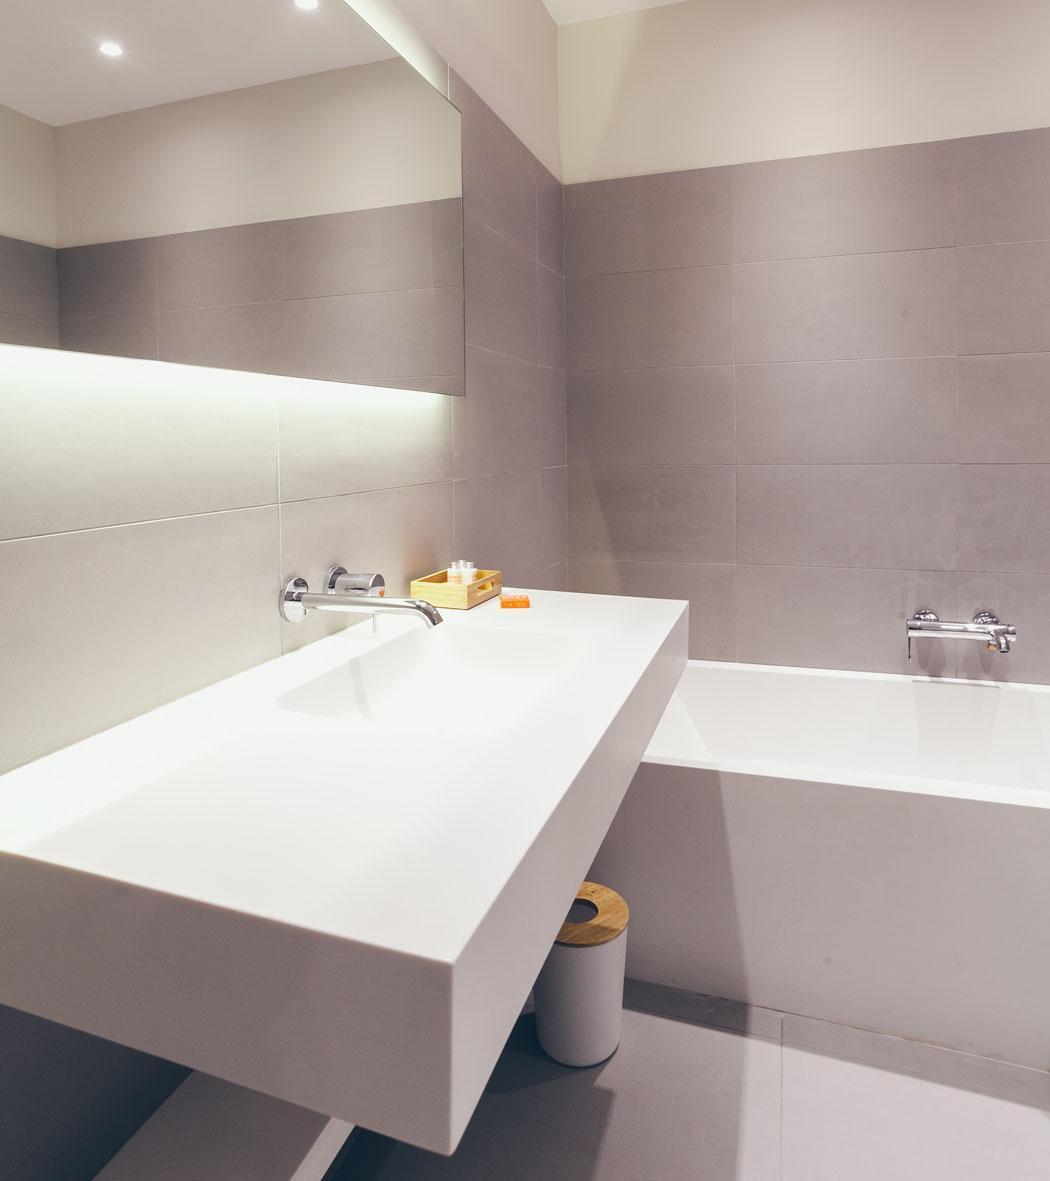 Location appartements luxe Bordeaux centre ville